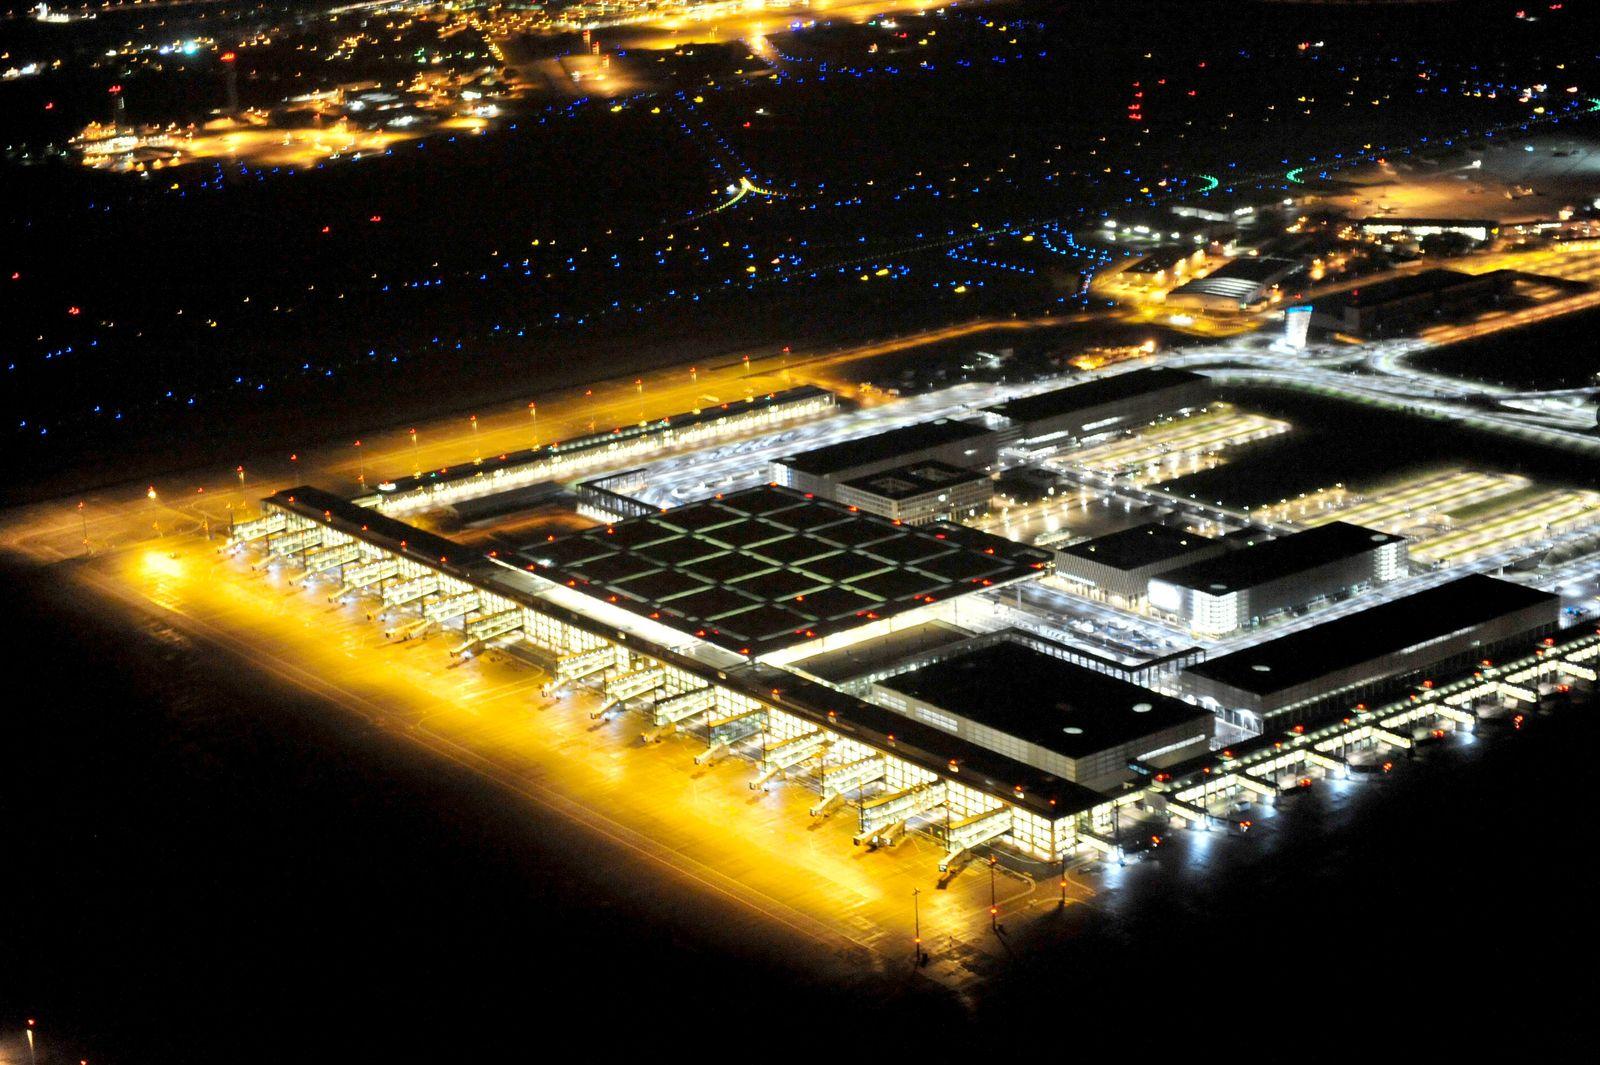 Willy-Brandt-Flughafen / Berlin / BER